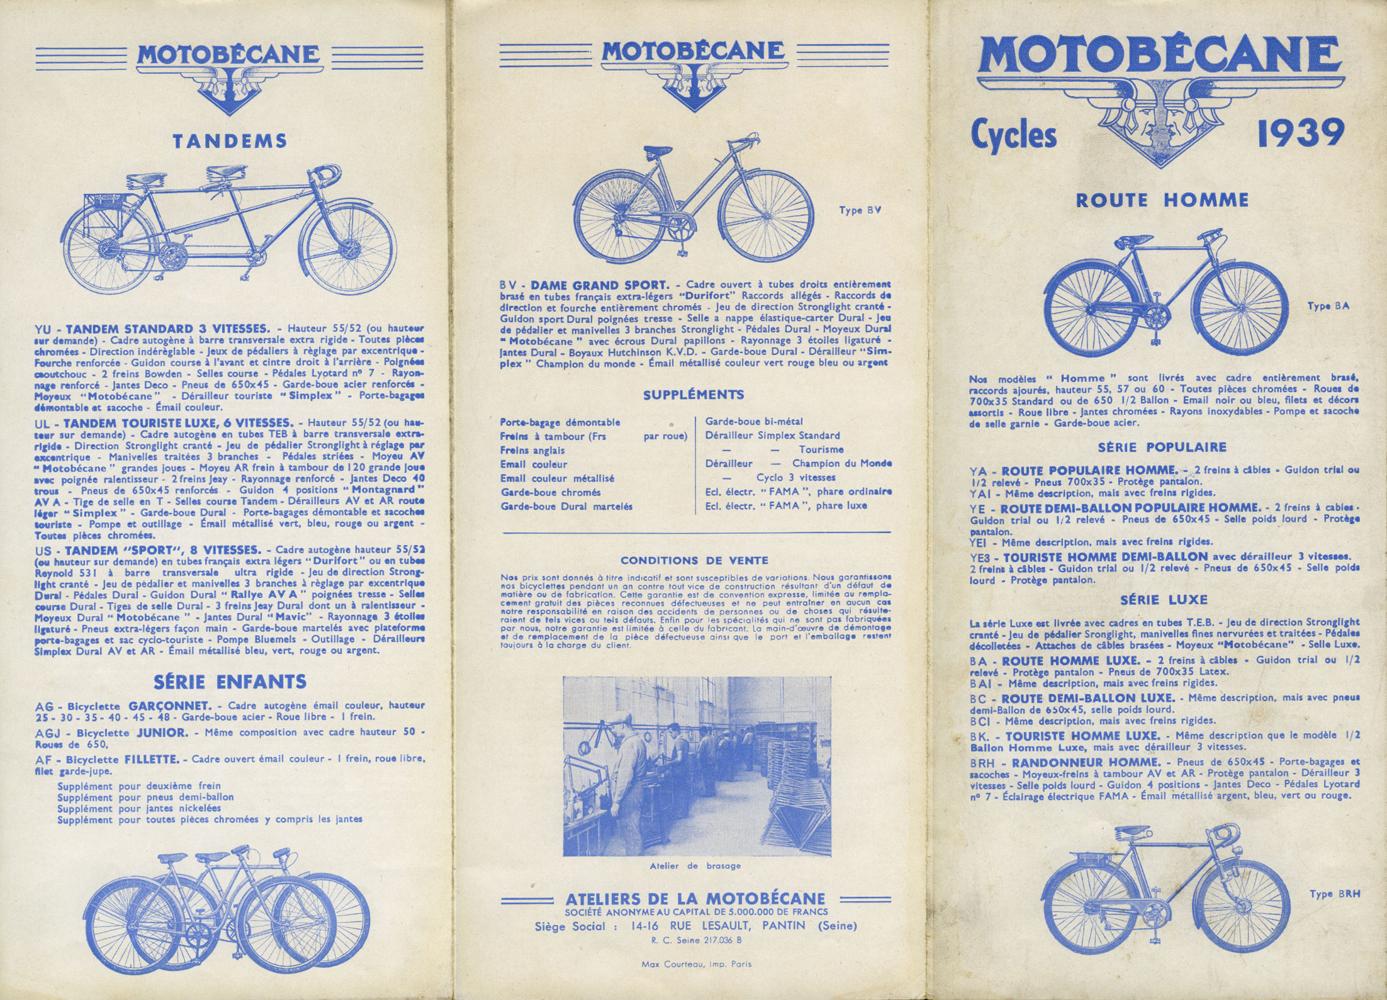 Motobécane col de cygne 1930-39 - Page 2 Cat-cycles-1939-001